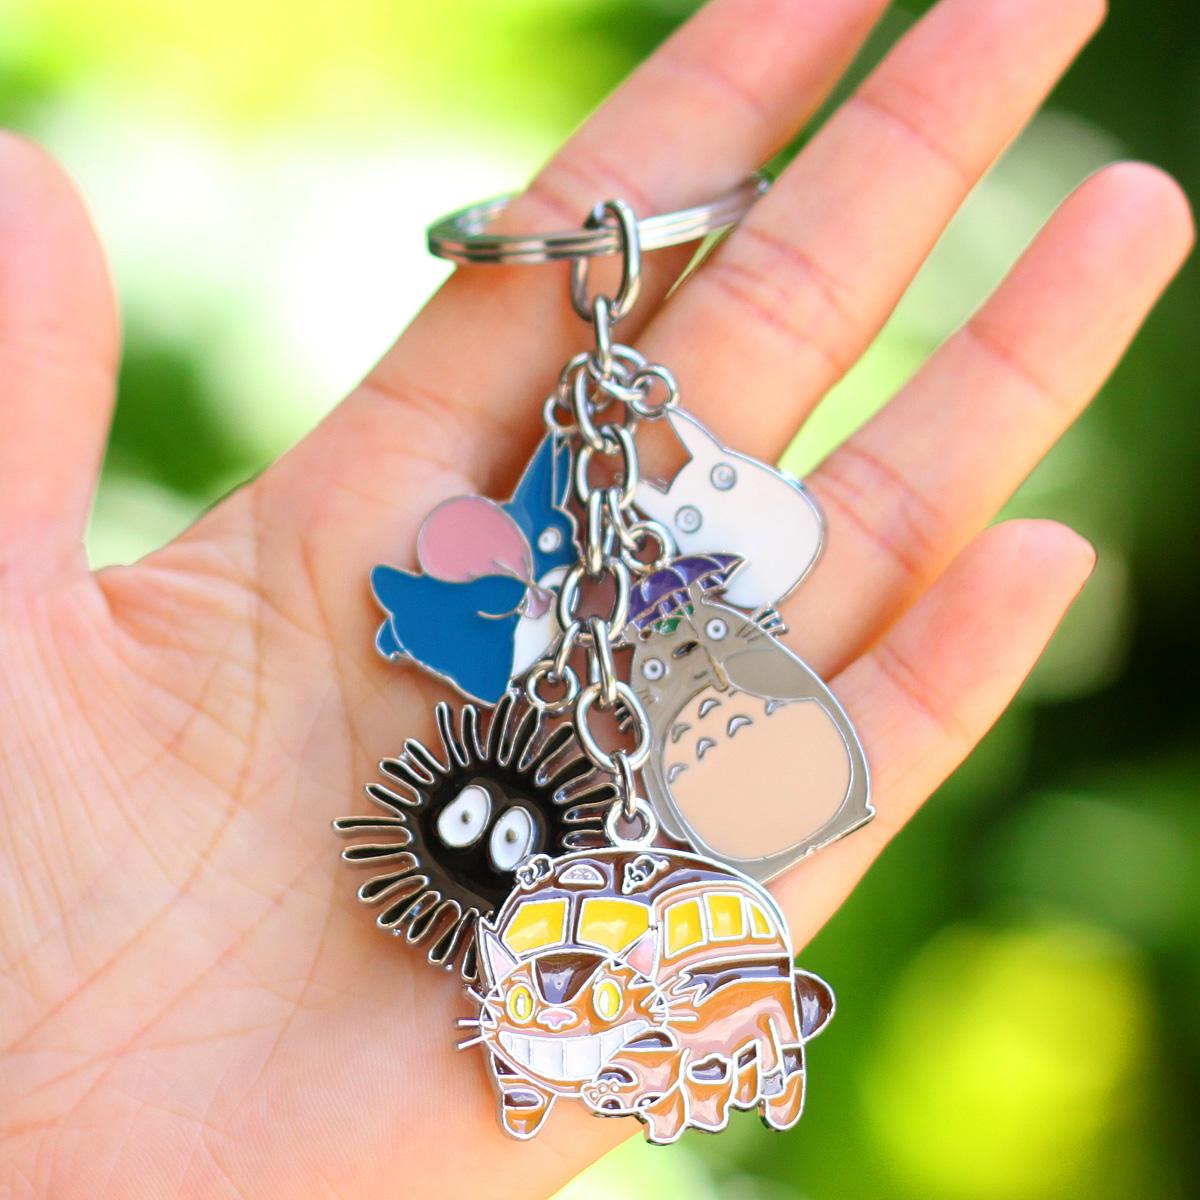 宮崎駿吉卜力龍貓魔女宅急便幽靈公主鑰匙扣鑰匙圈包包挂件飾品